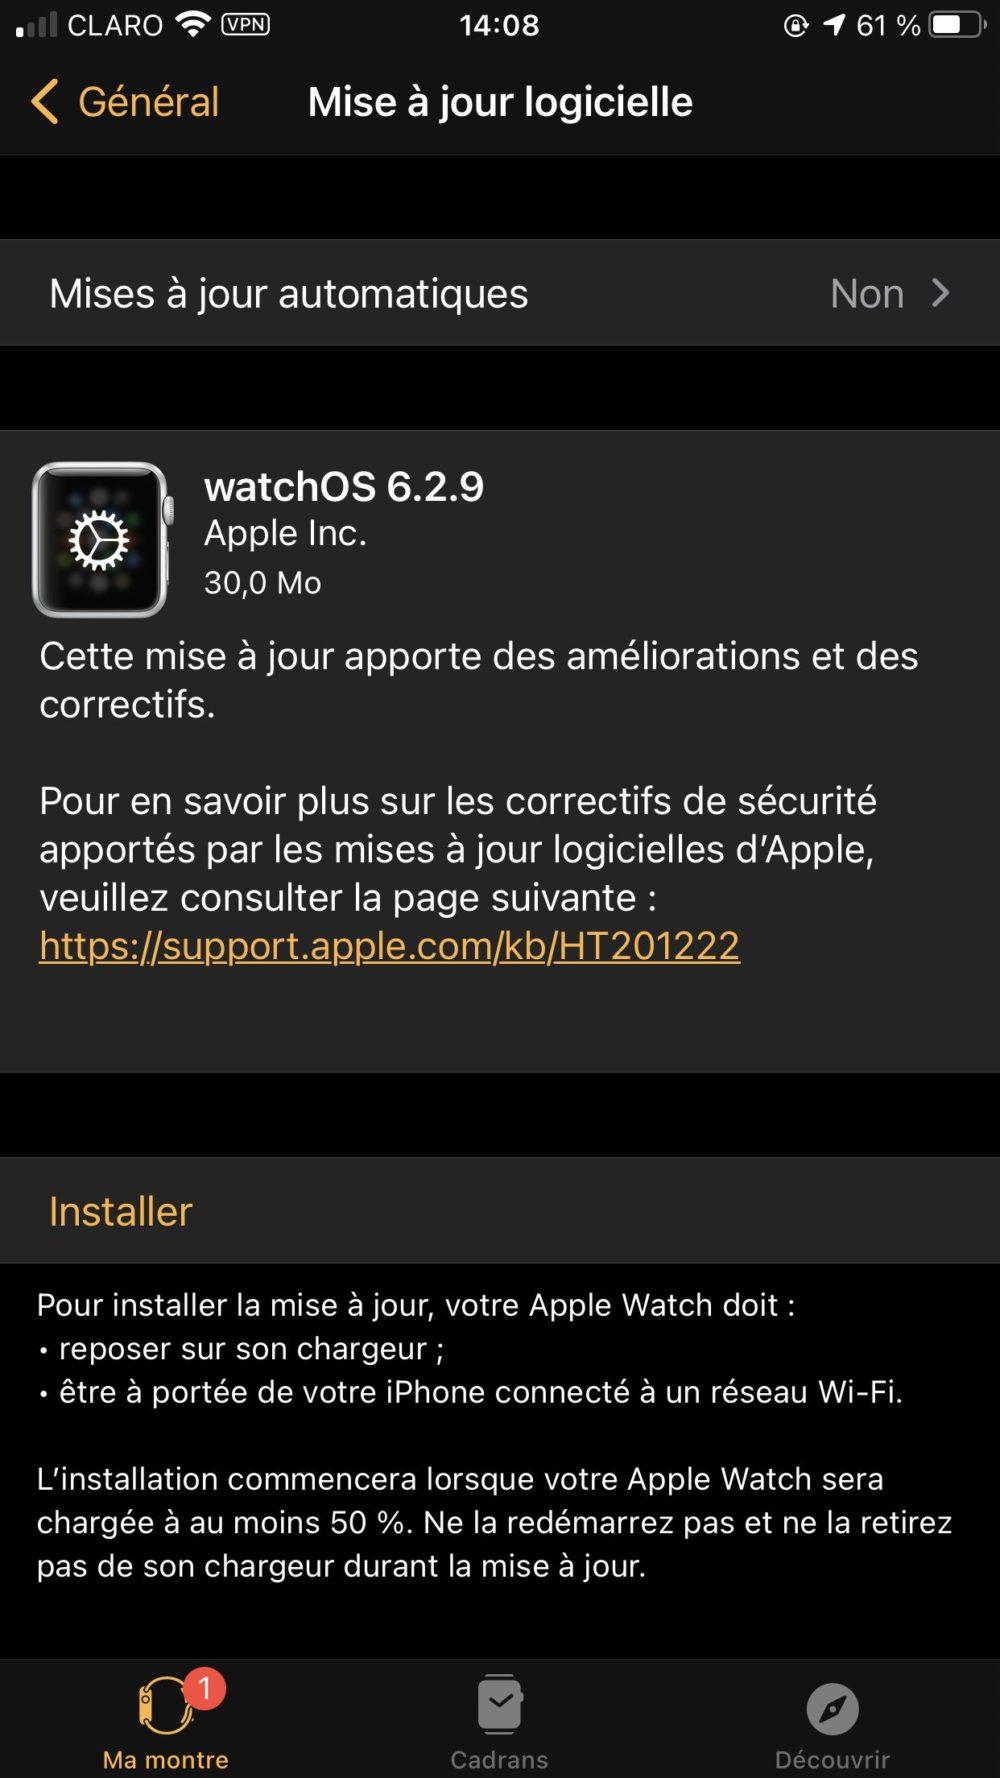 watchOS 6.2.9 Apple publie watchOS 6.2.9 pour les anciennes Apple Watch